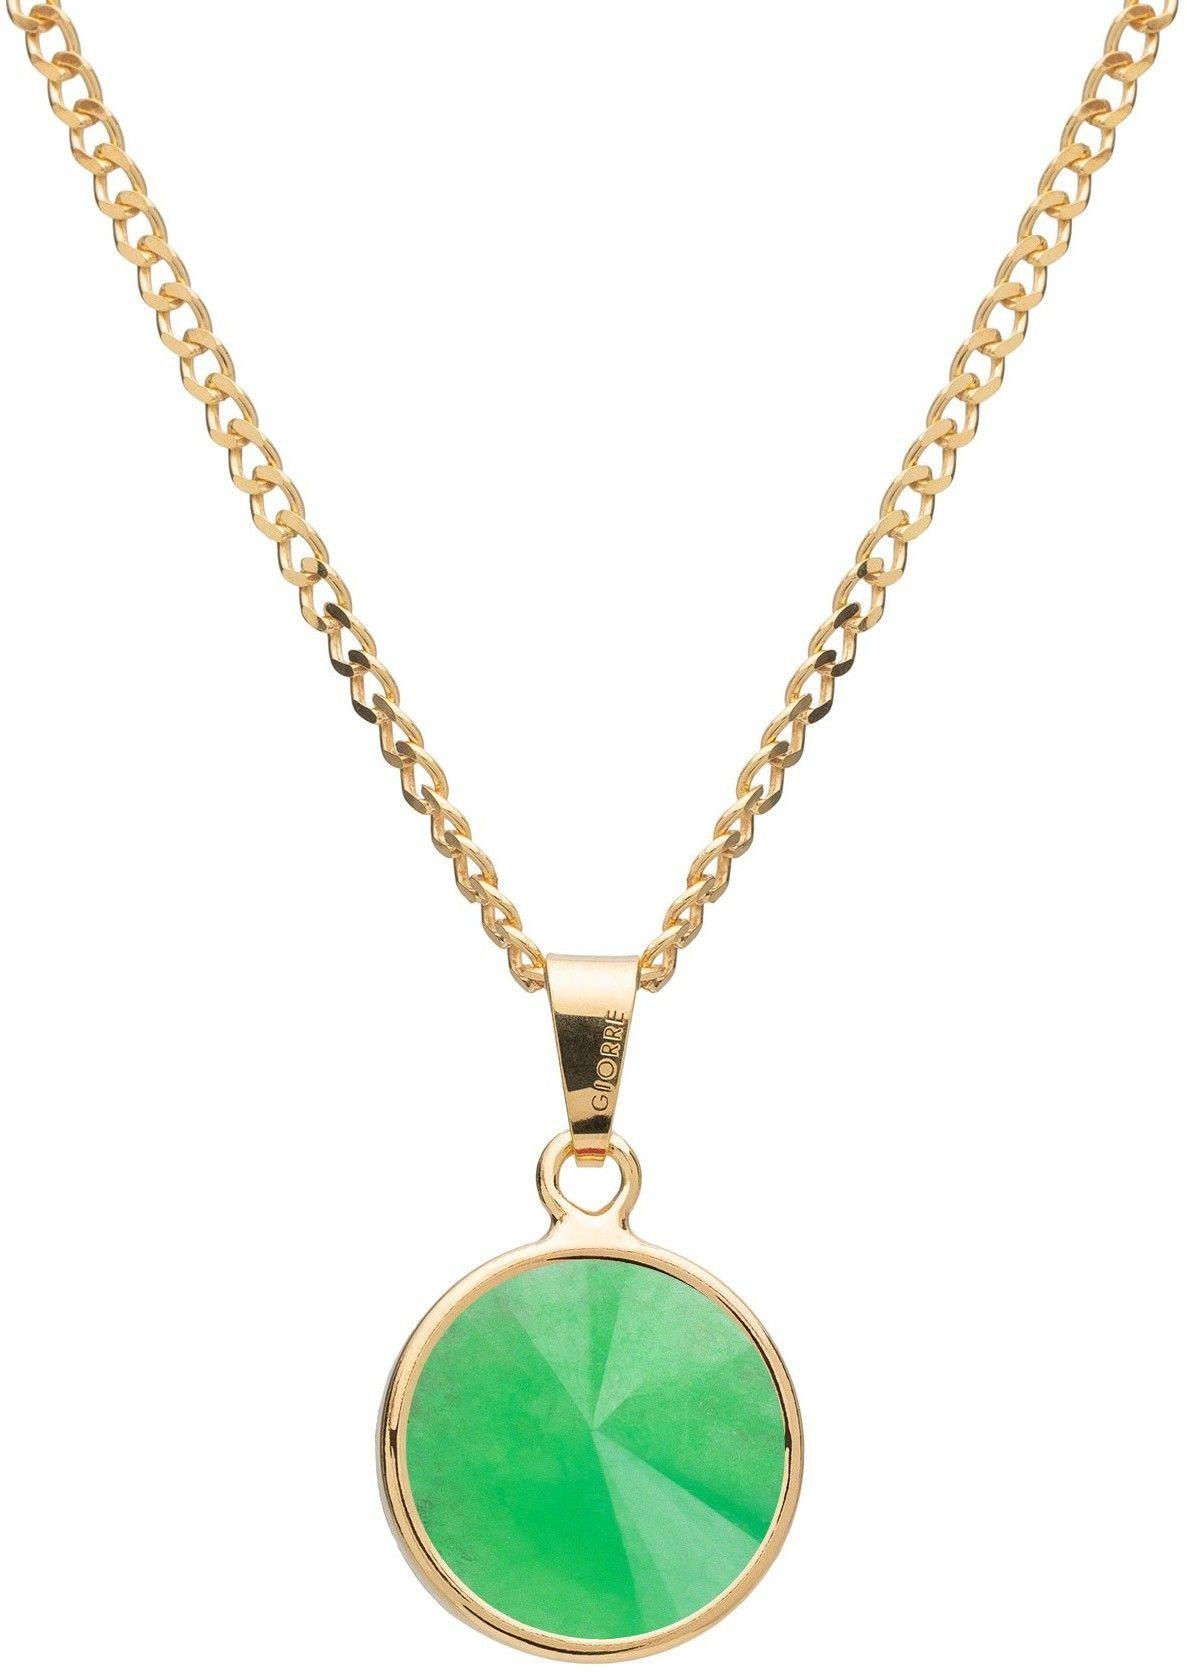 Srebrny naszyjnik z naturalnym kamieniem - chryzopraz srebro 925 : Długość (cm) - 40 + 5 , Kamienie naturalne - kolor - chryzopraz zielony ciemny, Srebro - kolor pokrycia - Pokrycie żółtym 18K złotem